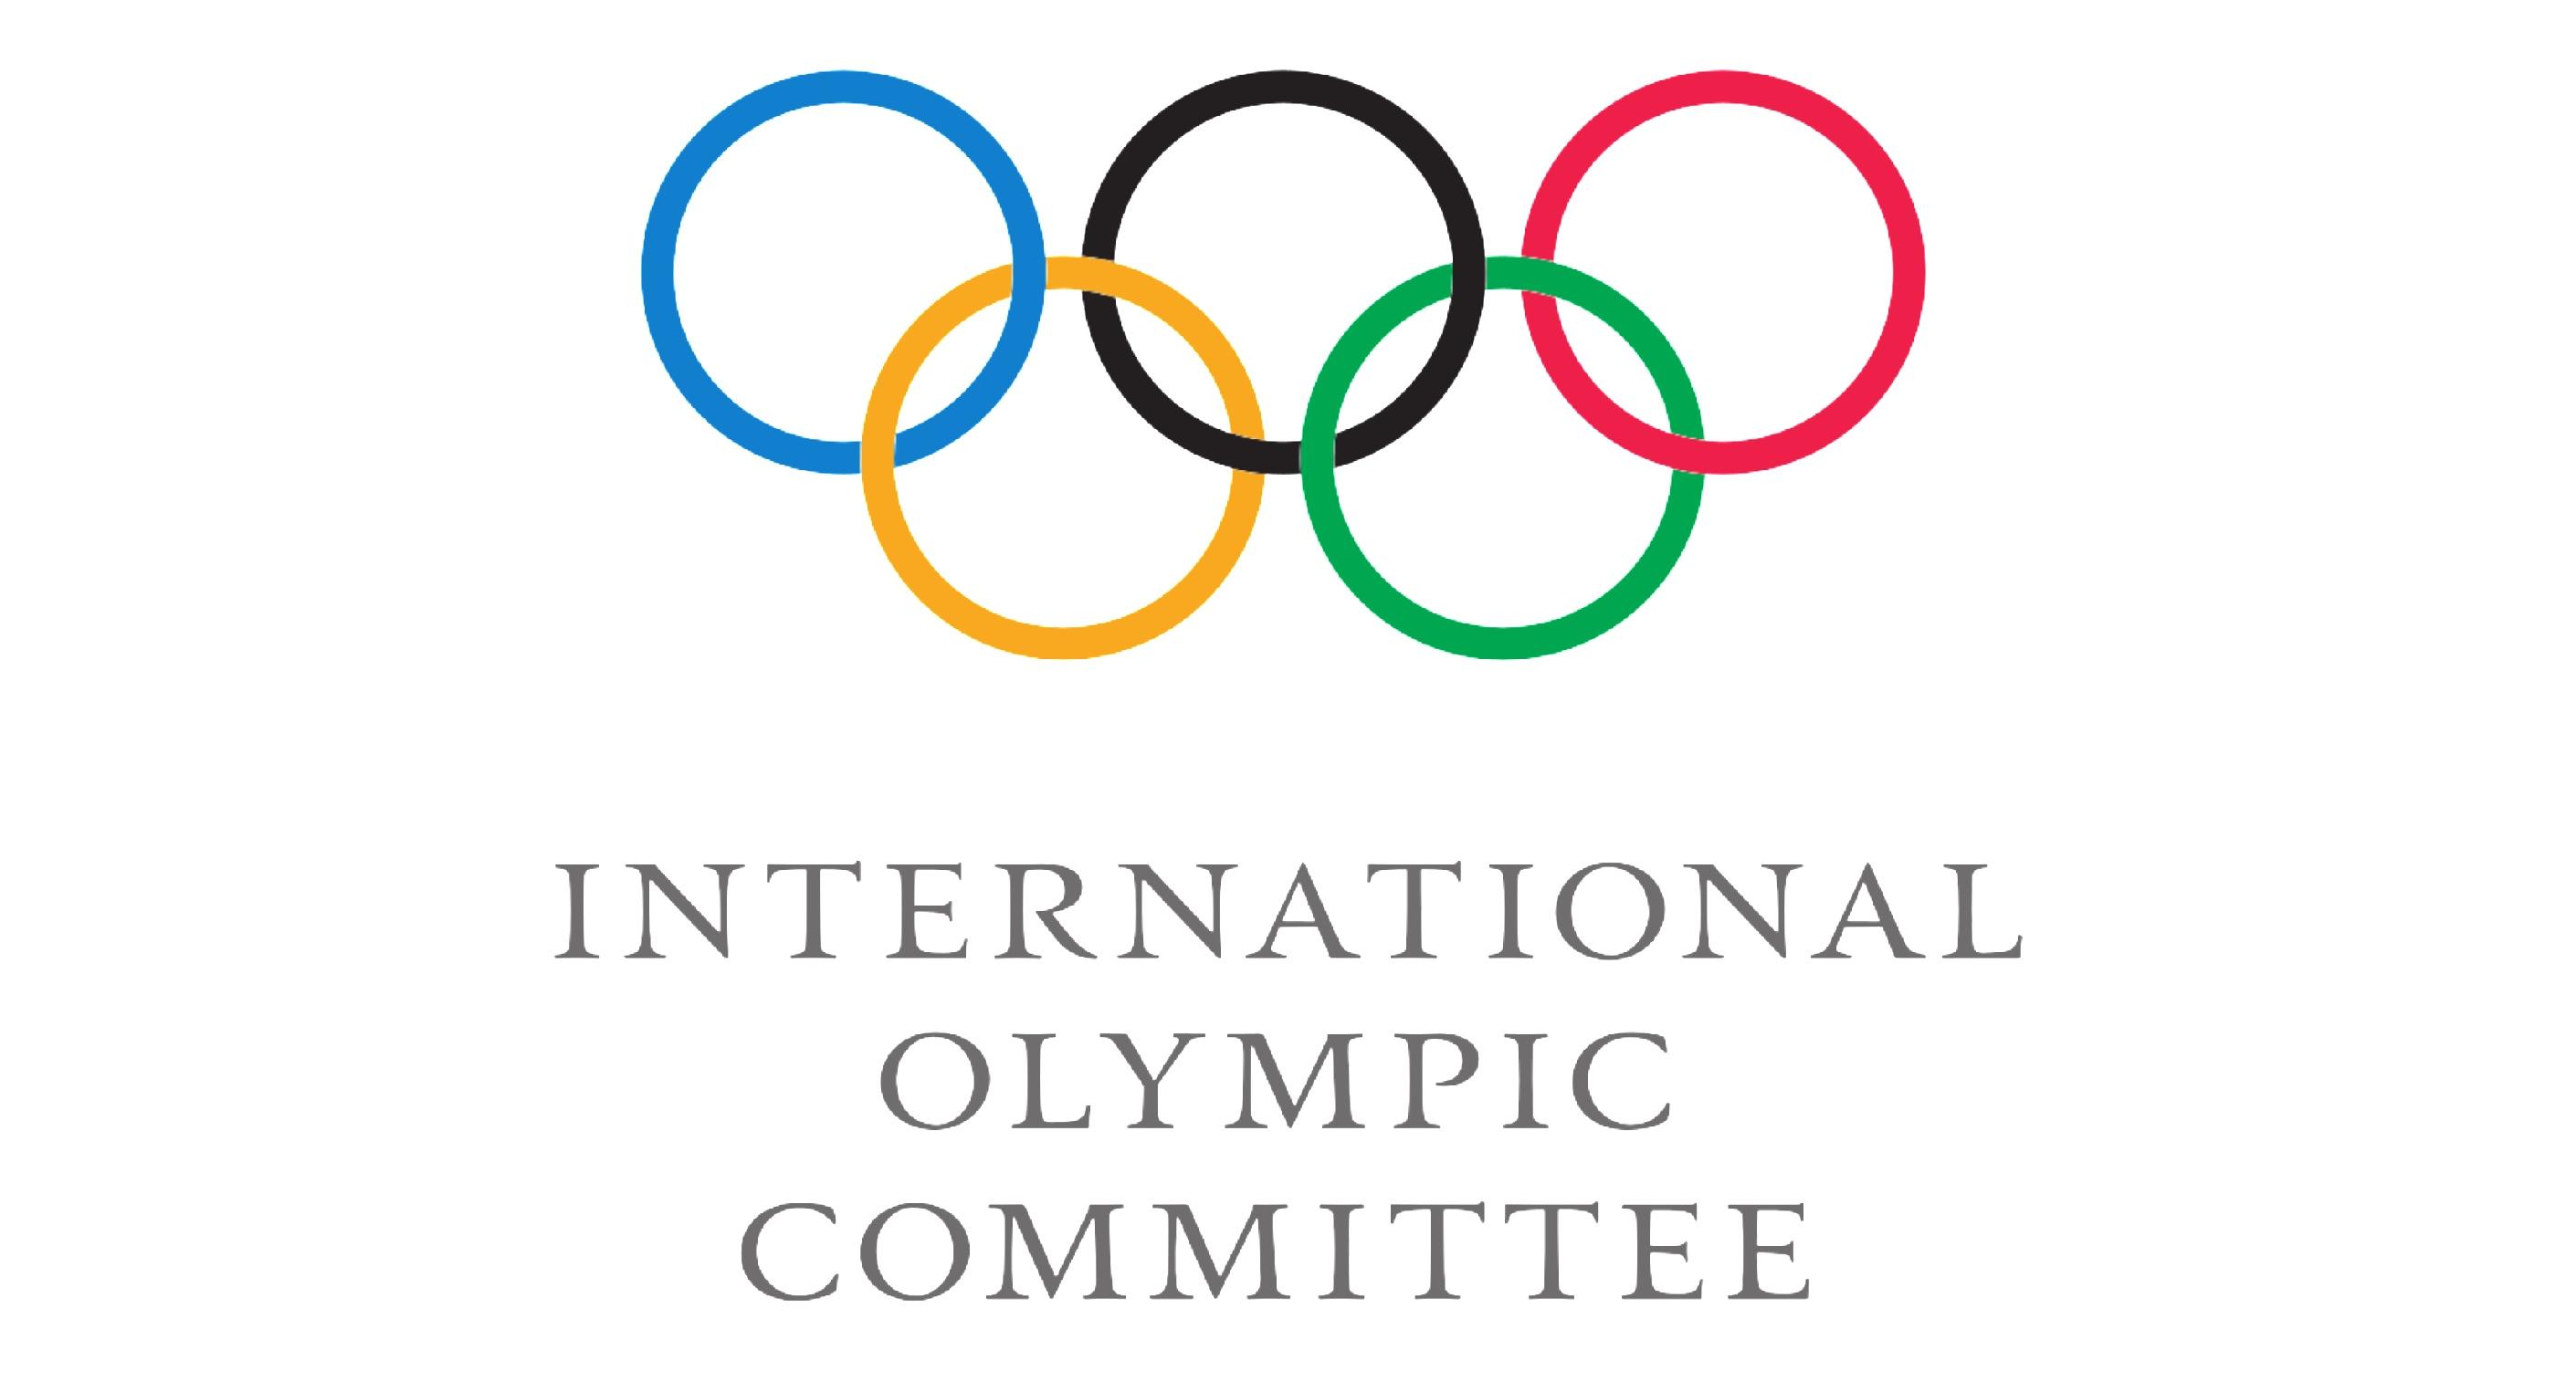 คณะกรรมการโอลิมปิก (IOC)